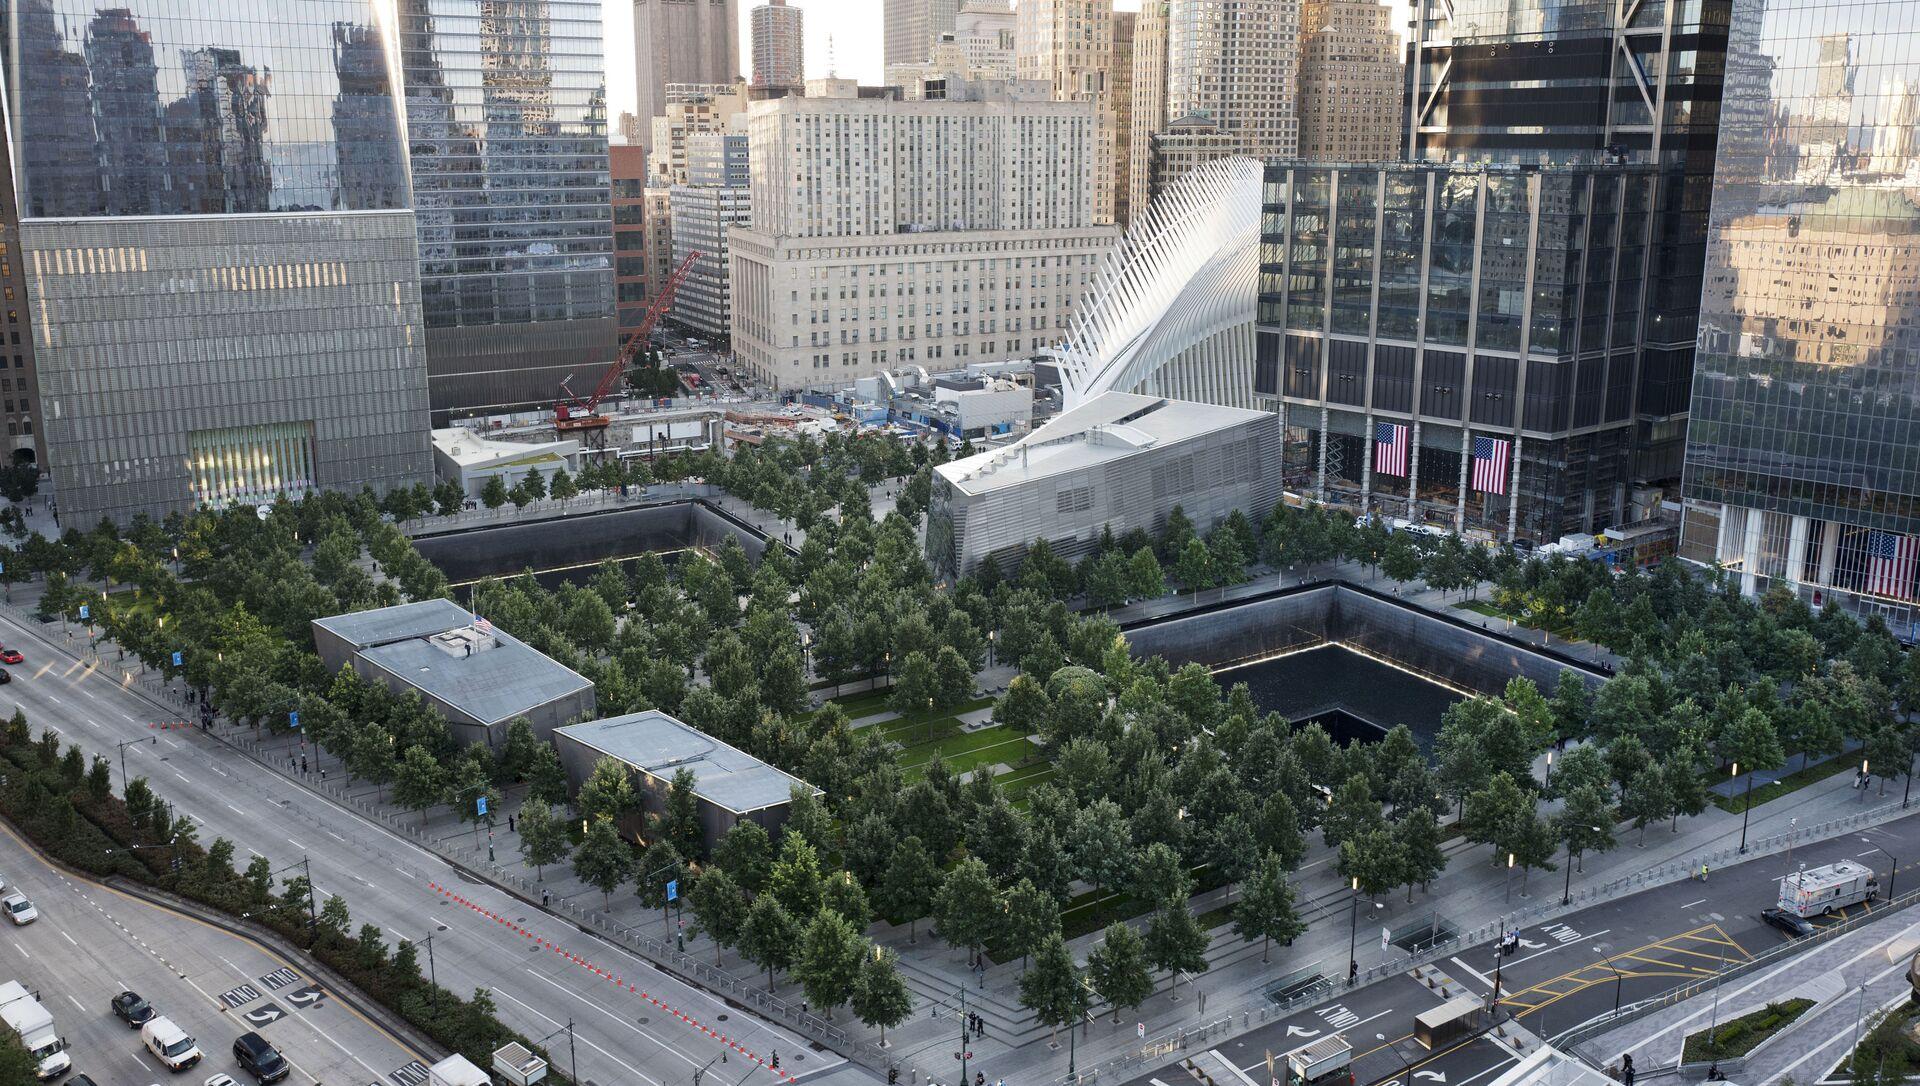 Le mémorial national en l'honneur des victimes du 11-Septembre à New York - Sputnik France, 1920, 06.08.2021